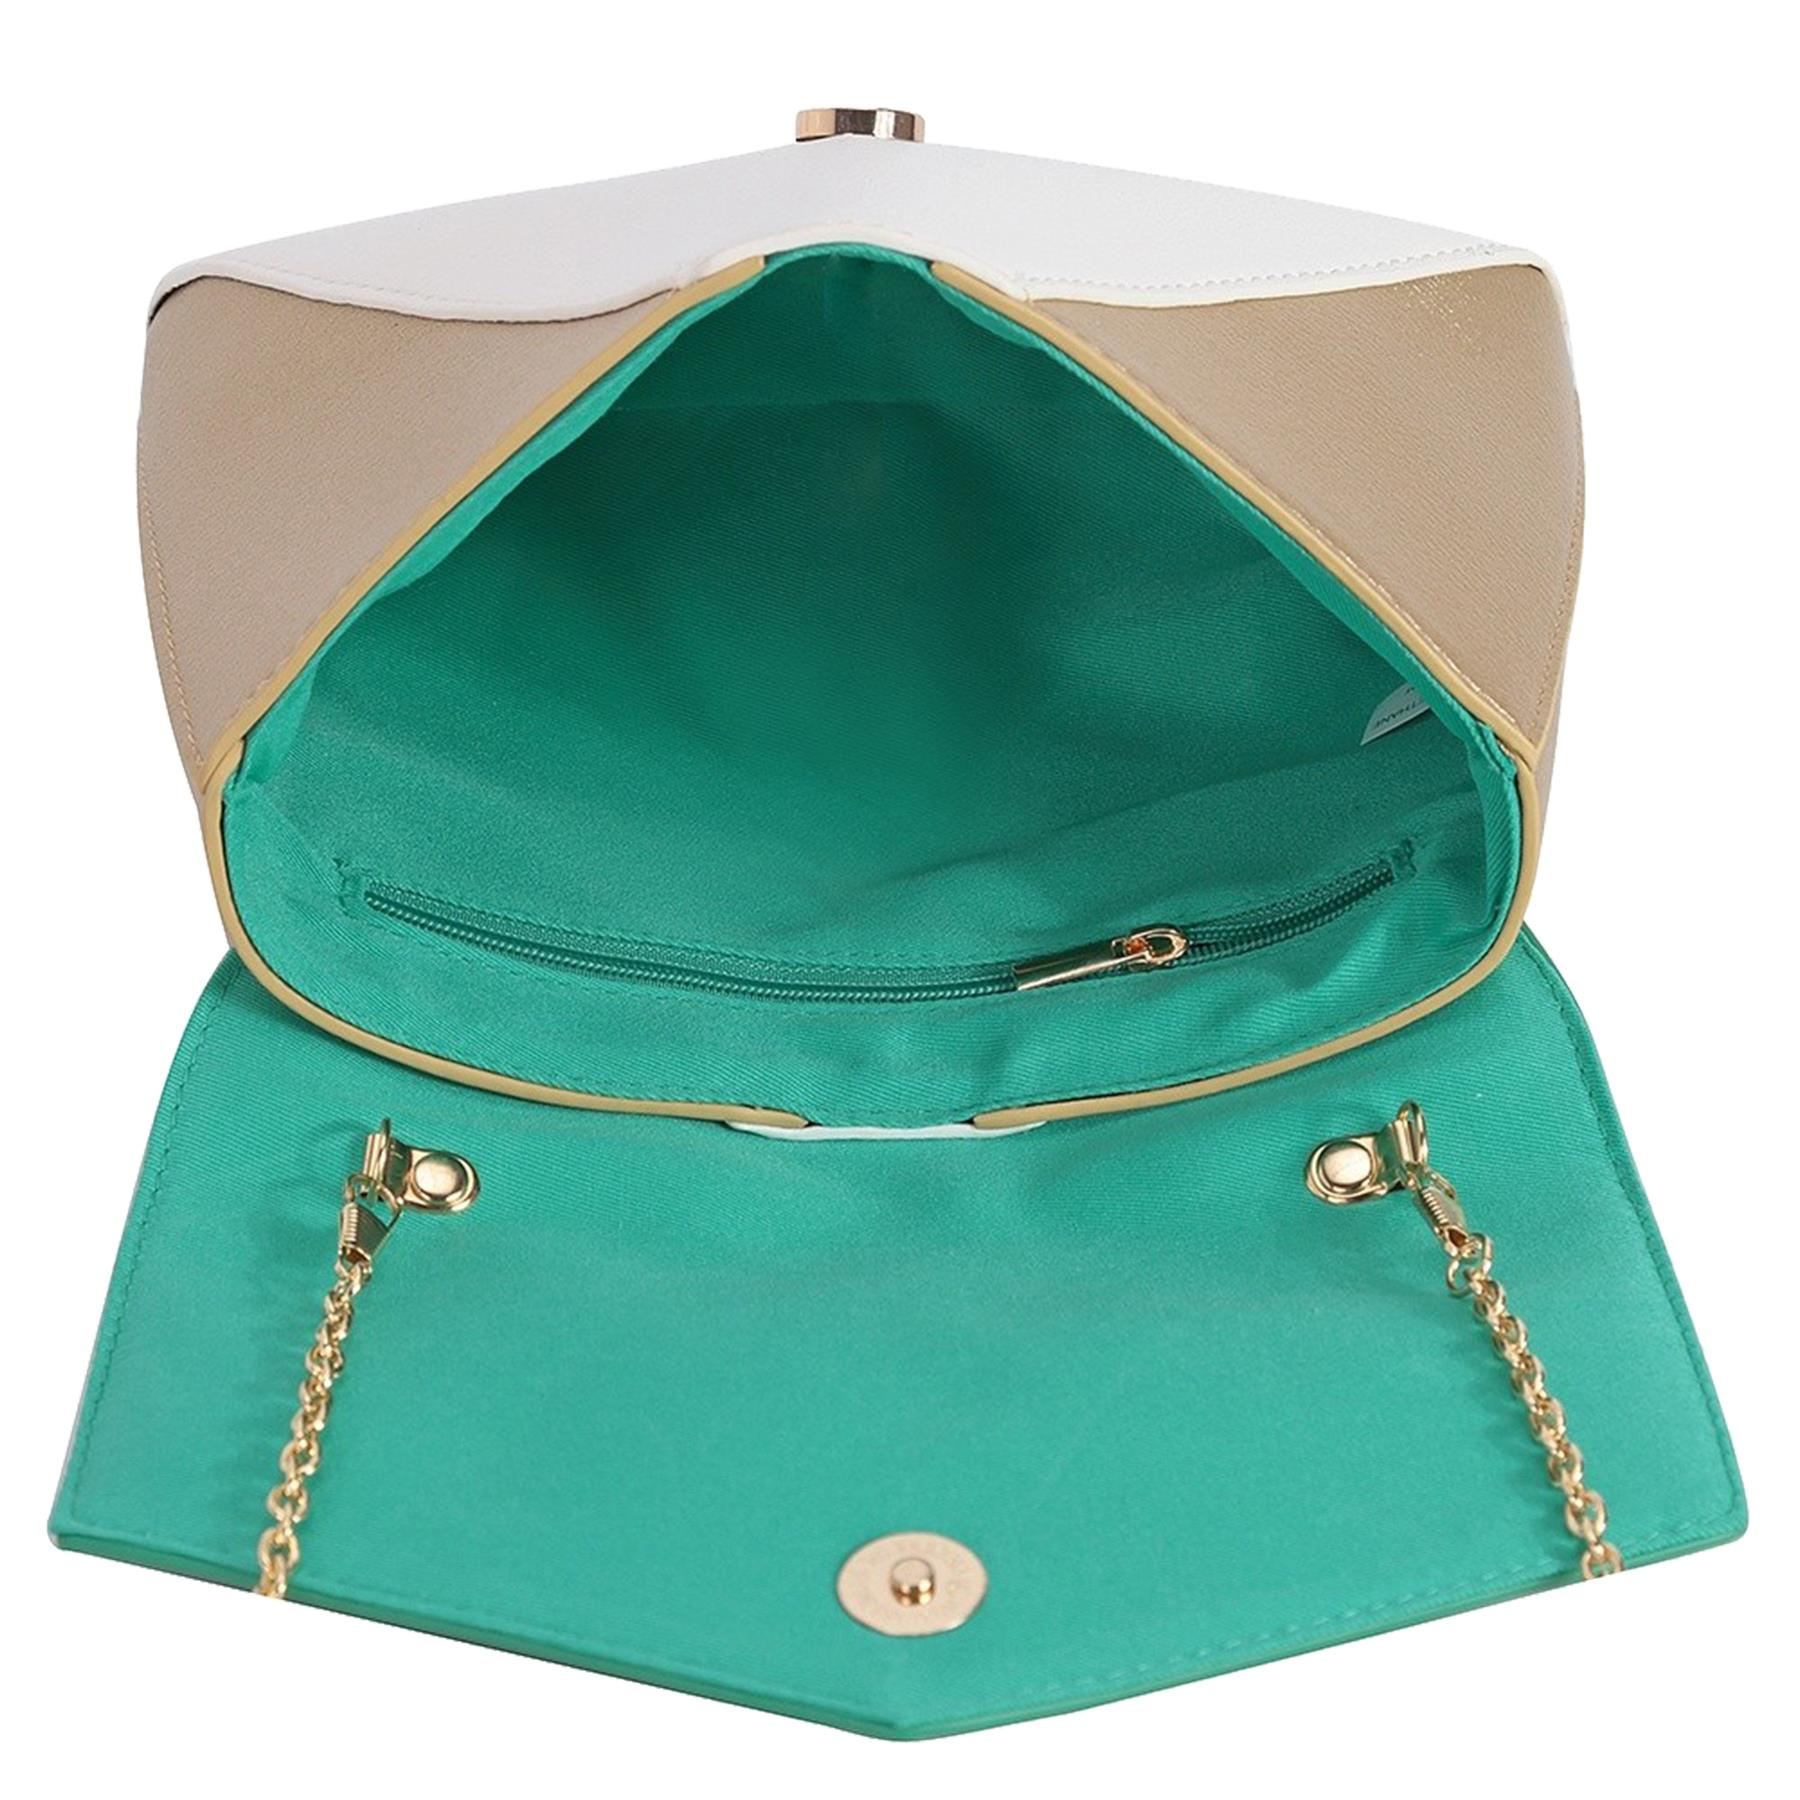 New-Women-s-Faux-Leather-Patent-Multicolour-Envelope-Clutch-Bag-Purse thumbnail 10